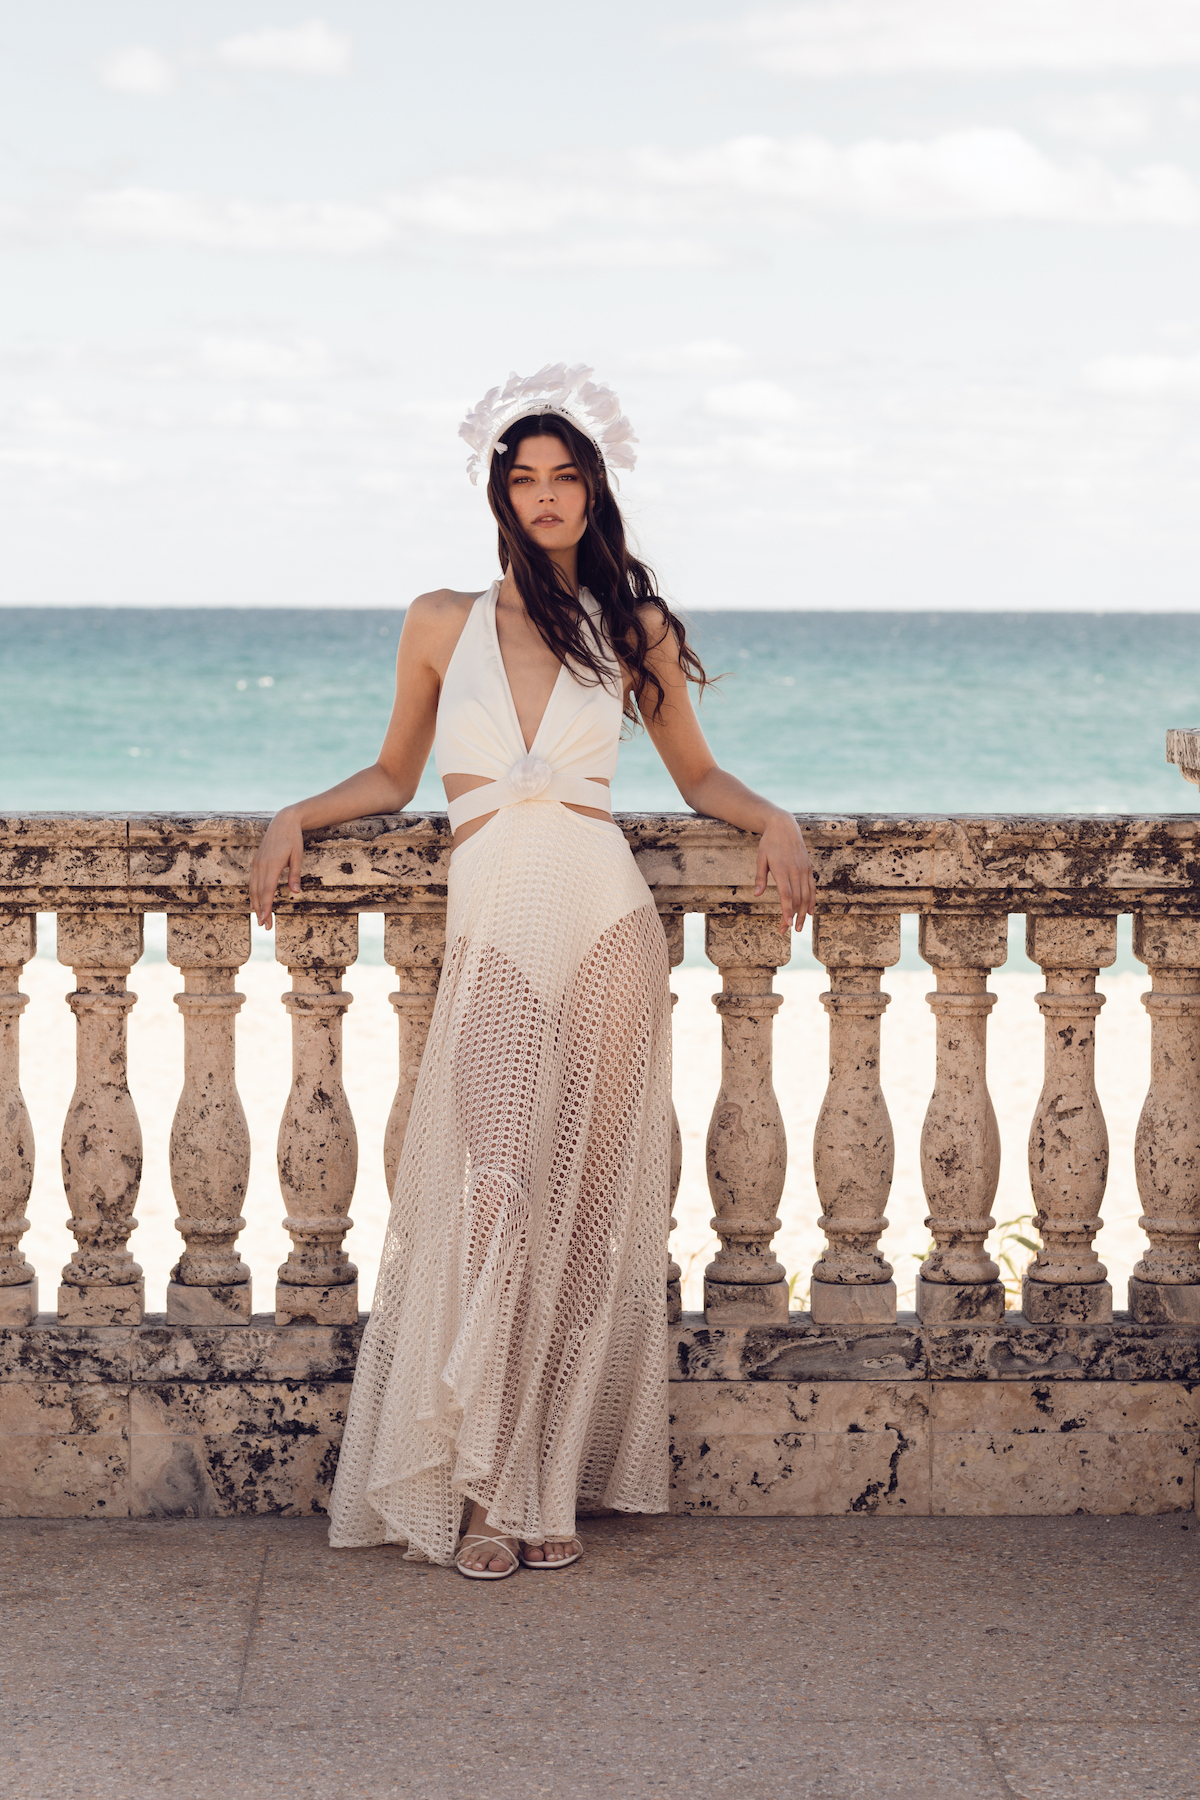 Bridal beach outfit